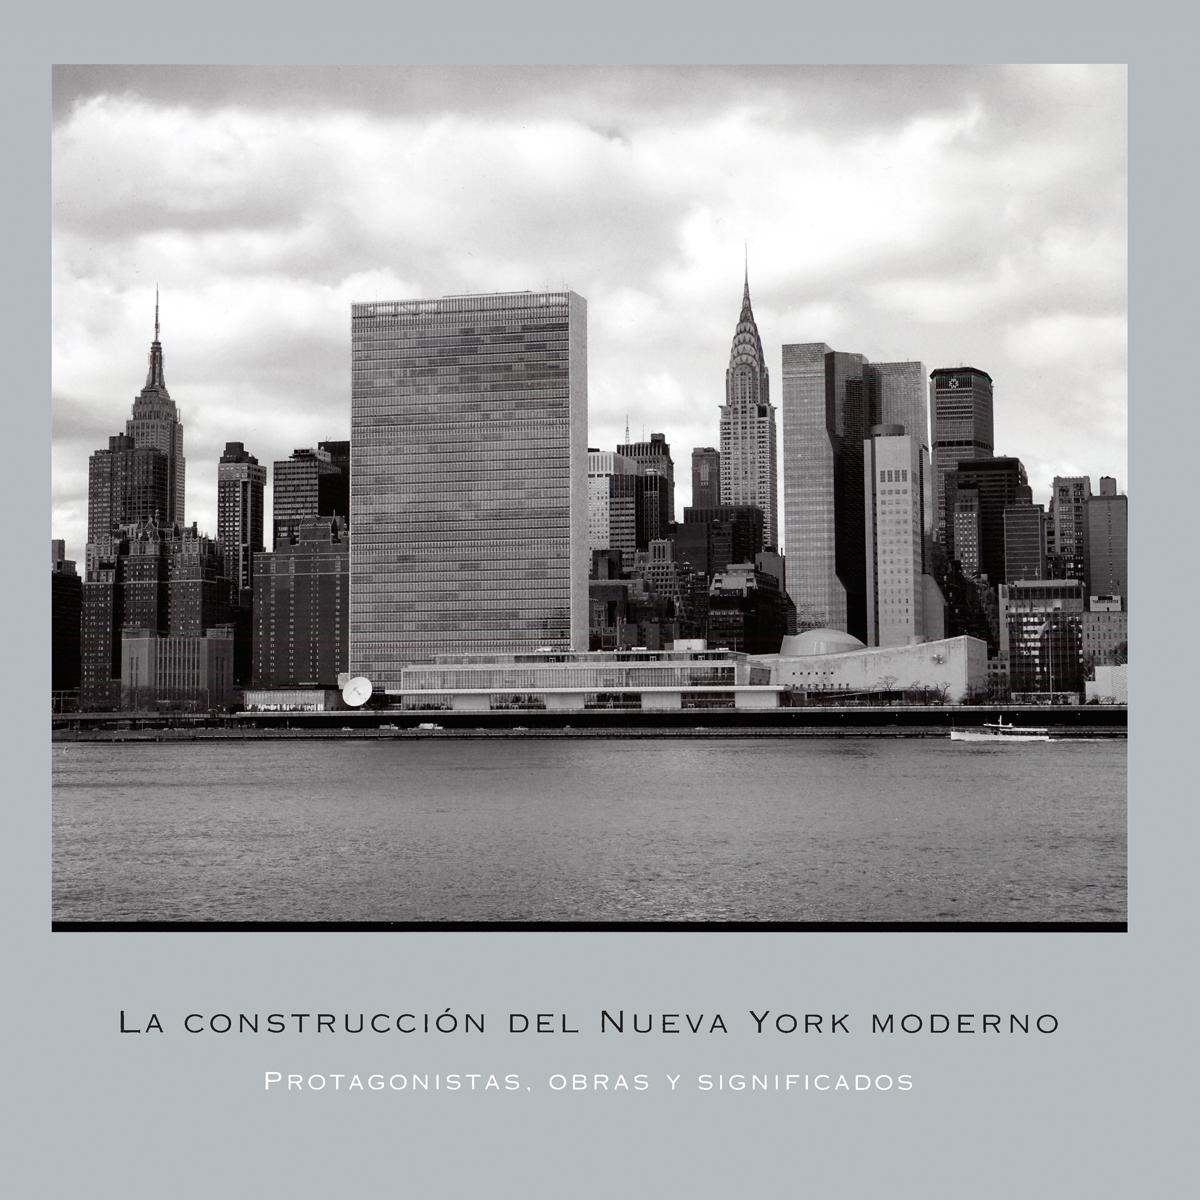 La construcción del Nueva York moderno